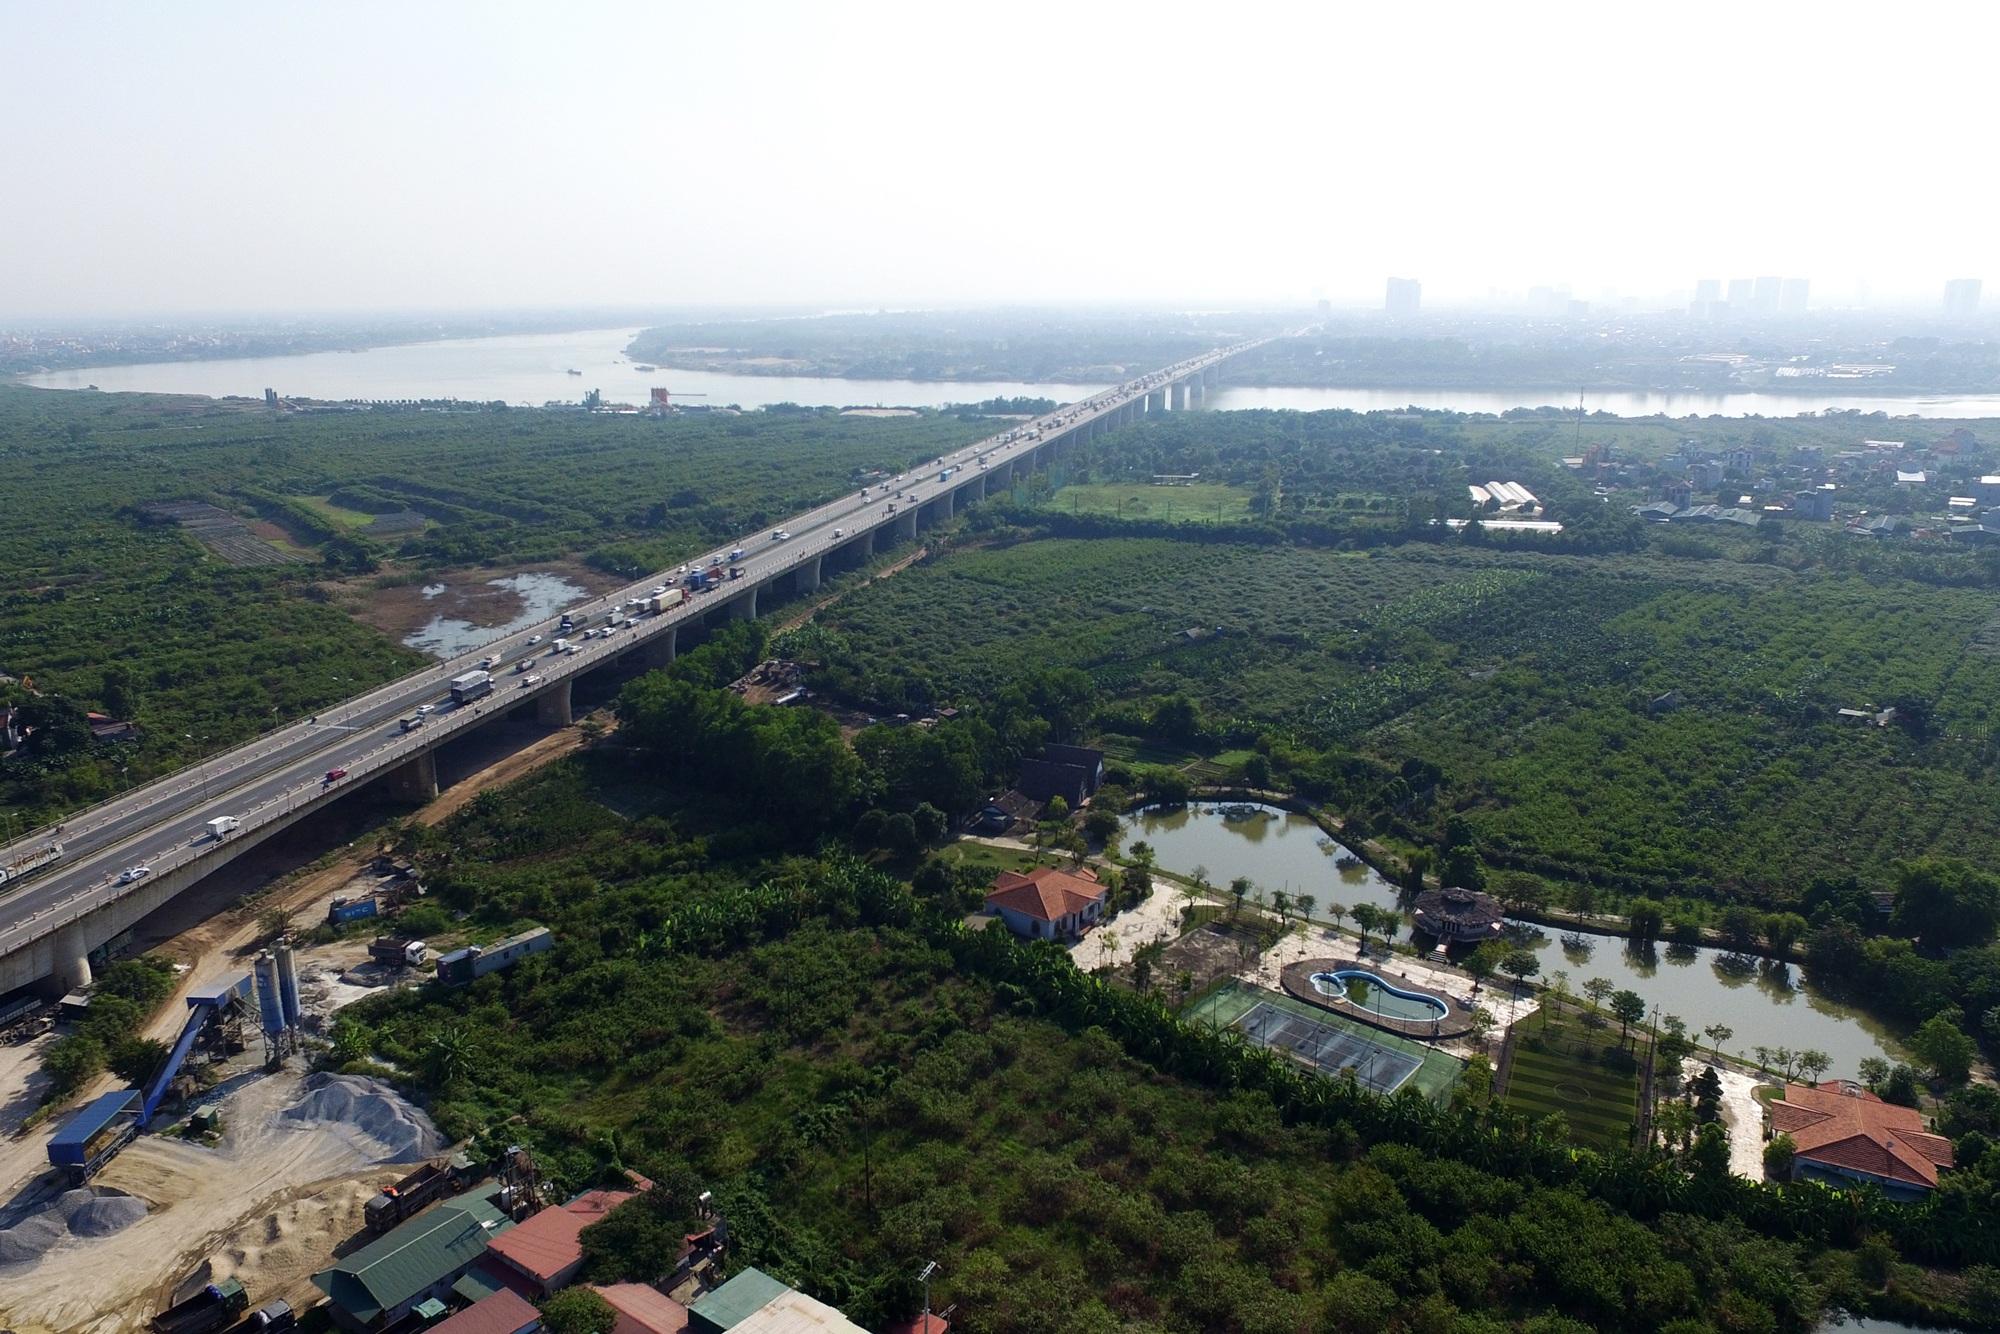 Toàn cảnh 6 cây cầu huyết mạch bắc qua sông Hồng - 12